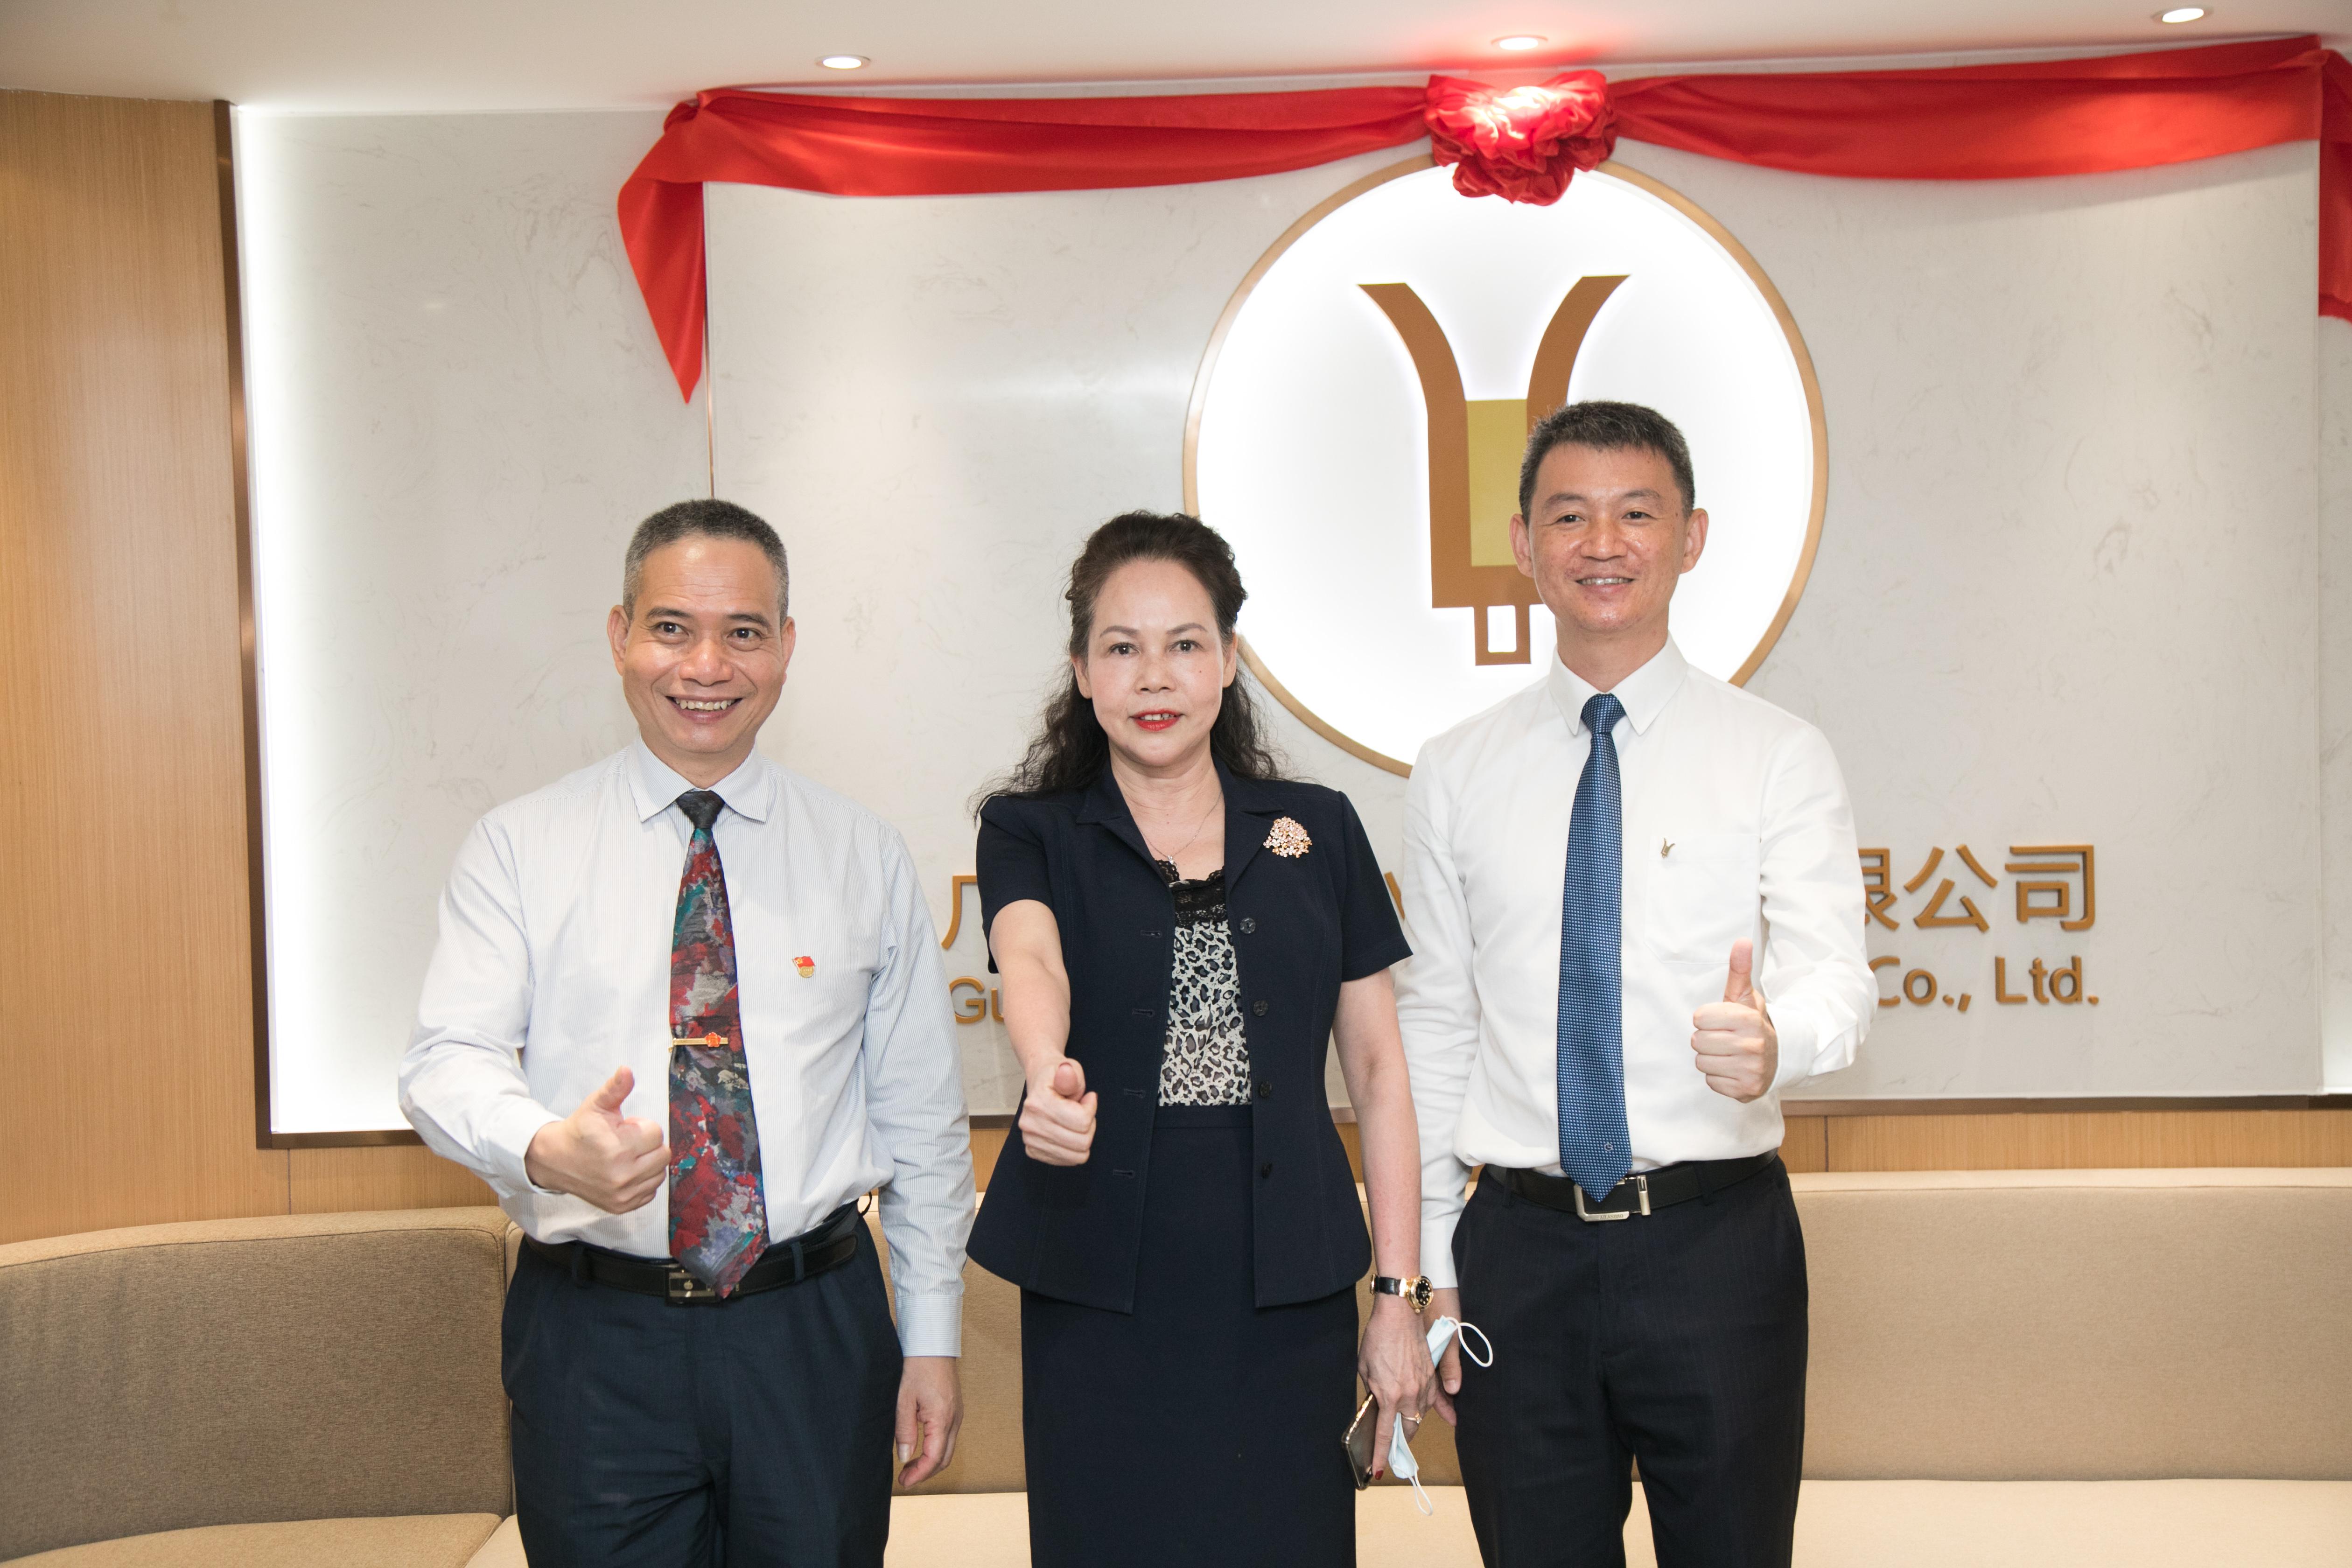 Congratulations to Guangzhou Metro micro loan Co., Ltd